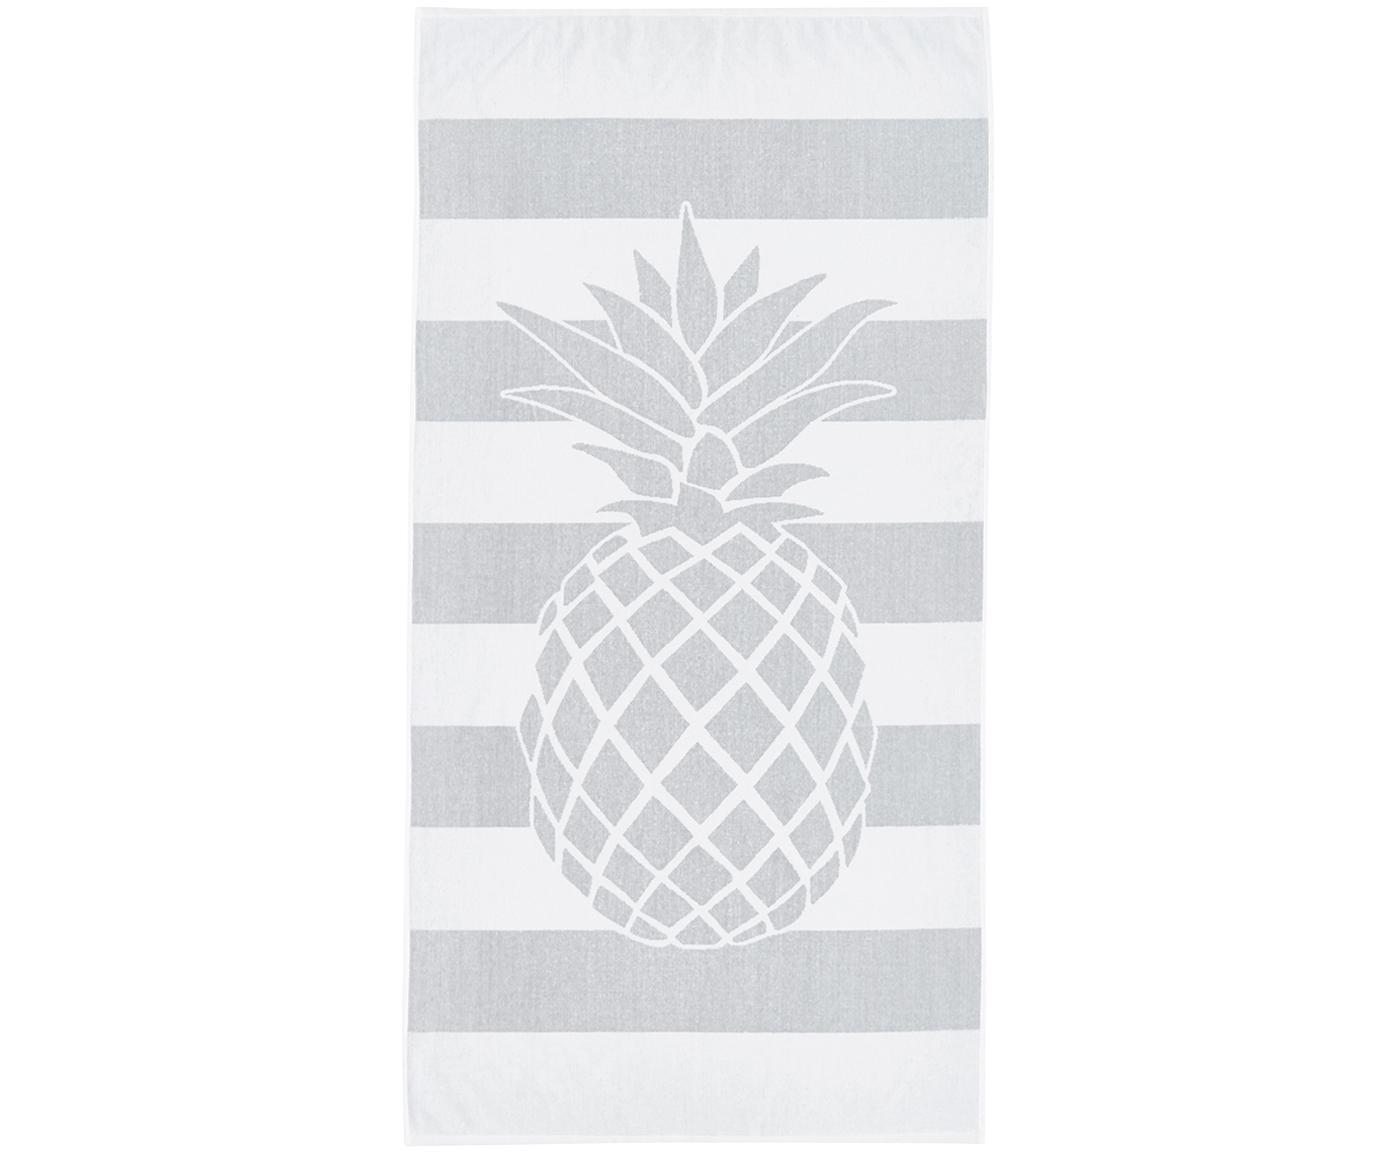 Ręcznik plażowy Anas, Bawełna Niska gramatura 380 g/m², Szary, biały, S 80 x D 160 cm